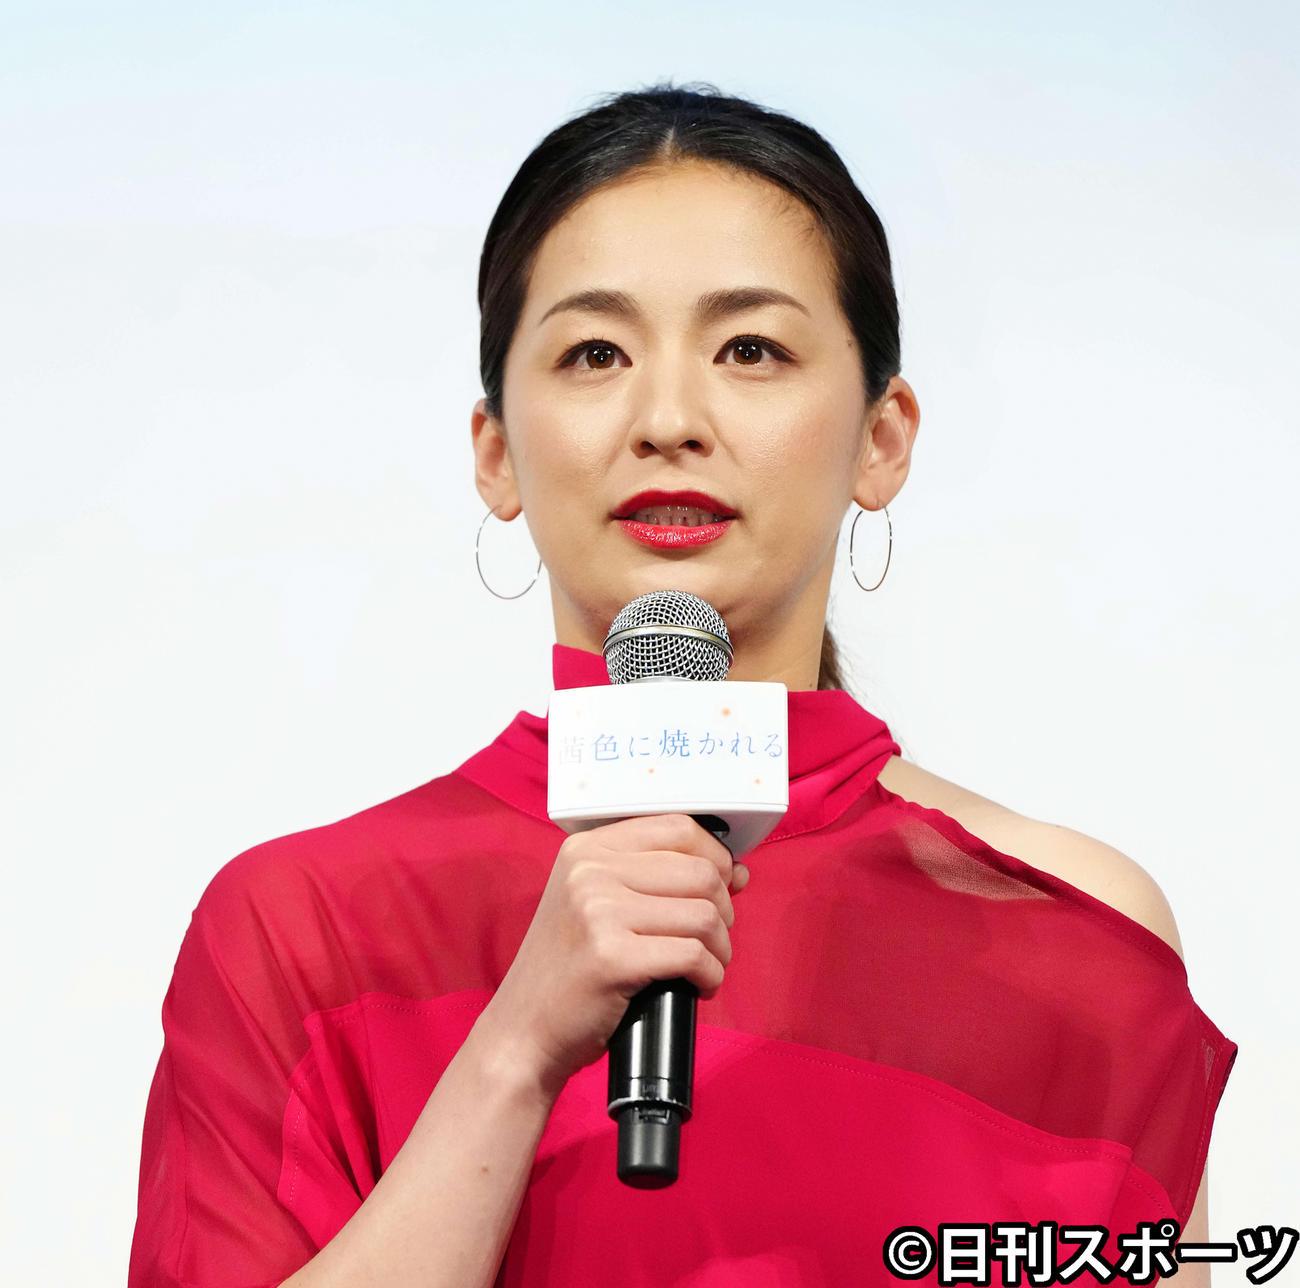 映画「茜色に焼かれる」完成報告会に臨む主演の尾野真千子(2021年4月27日)